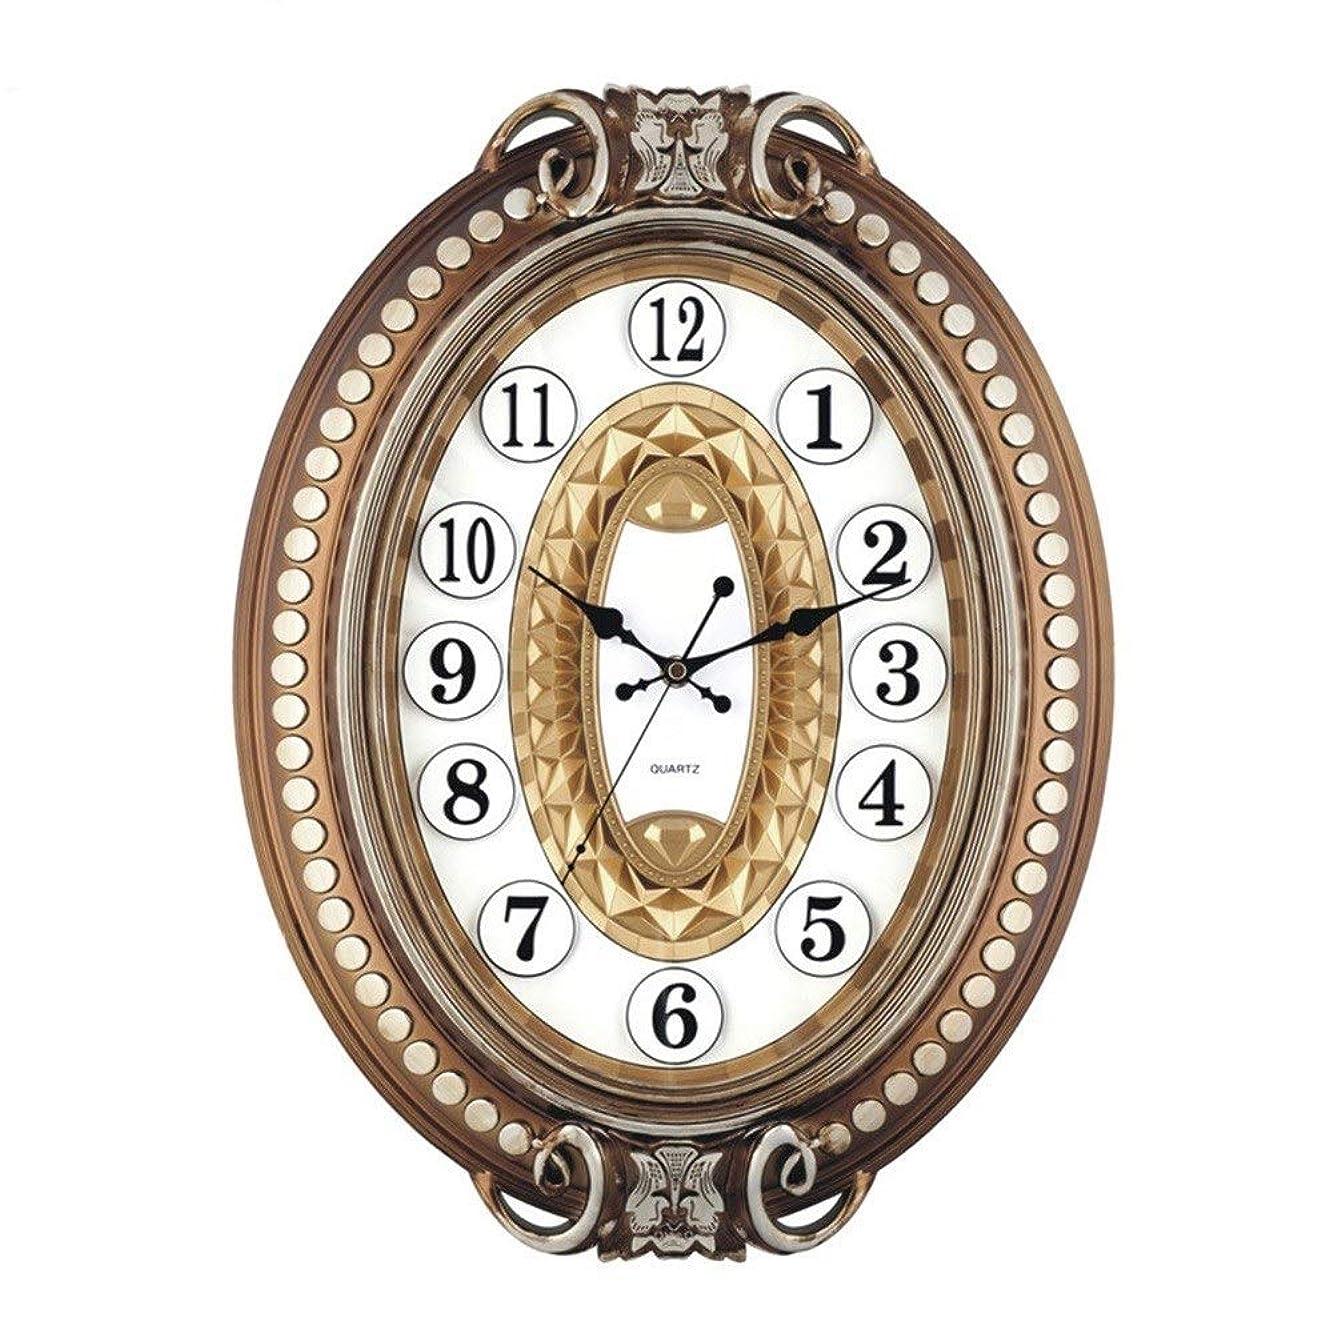 速記先史時代のドキュメンタリーZhengtufuzhuang リビングルームの寝室のポーチアンティーク創造的な柱時計、ヨーロッパのレトロミュートノンスケールオーバル高級壁掛け時計、ブロンズメタルの装飾品37 * 49.5 * 7 Cm 芸術